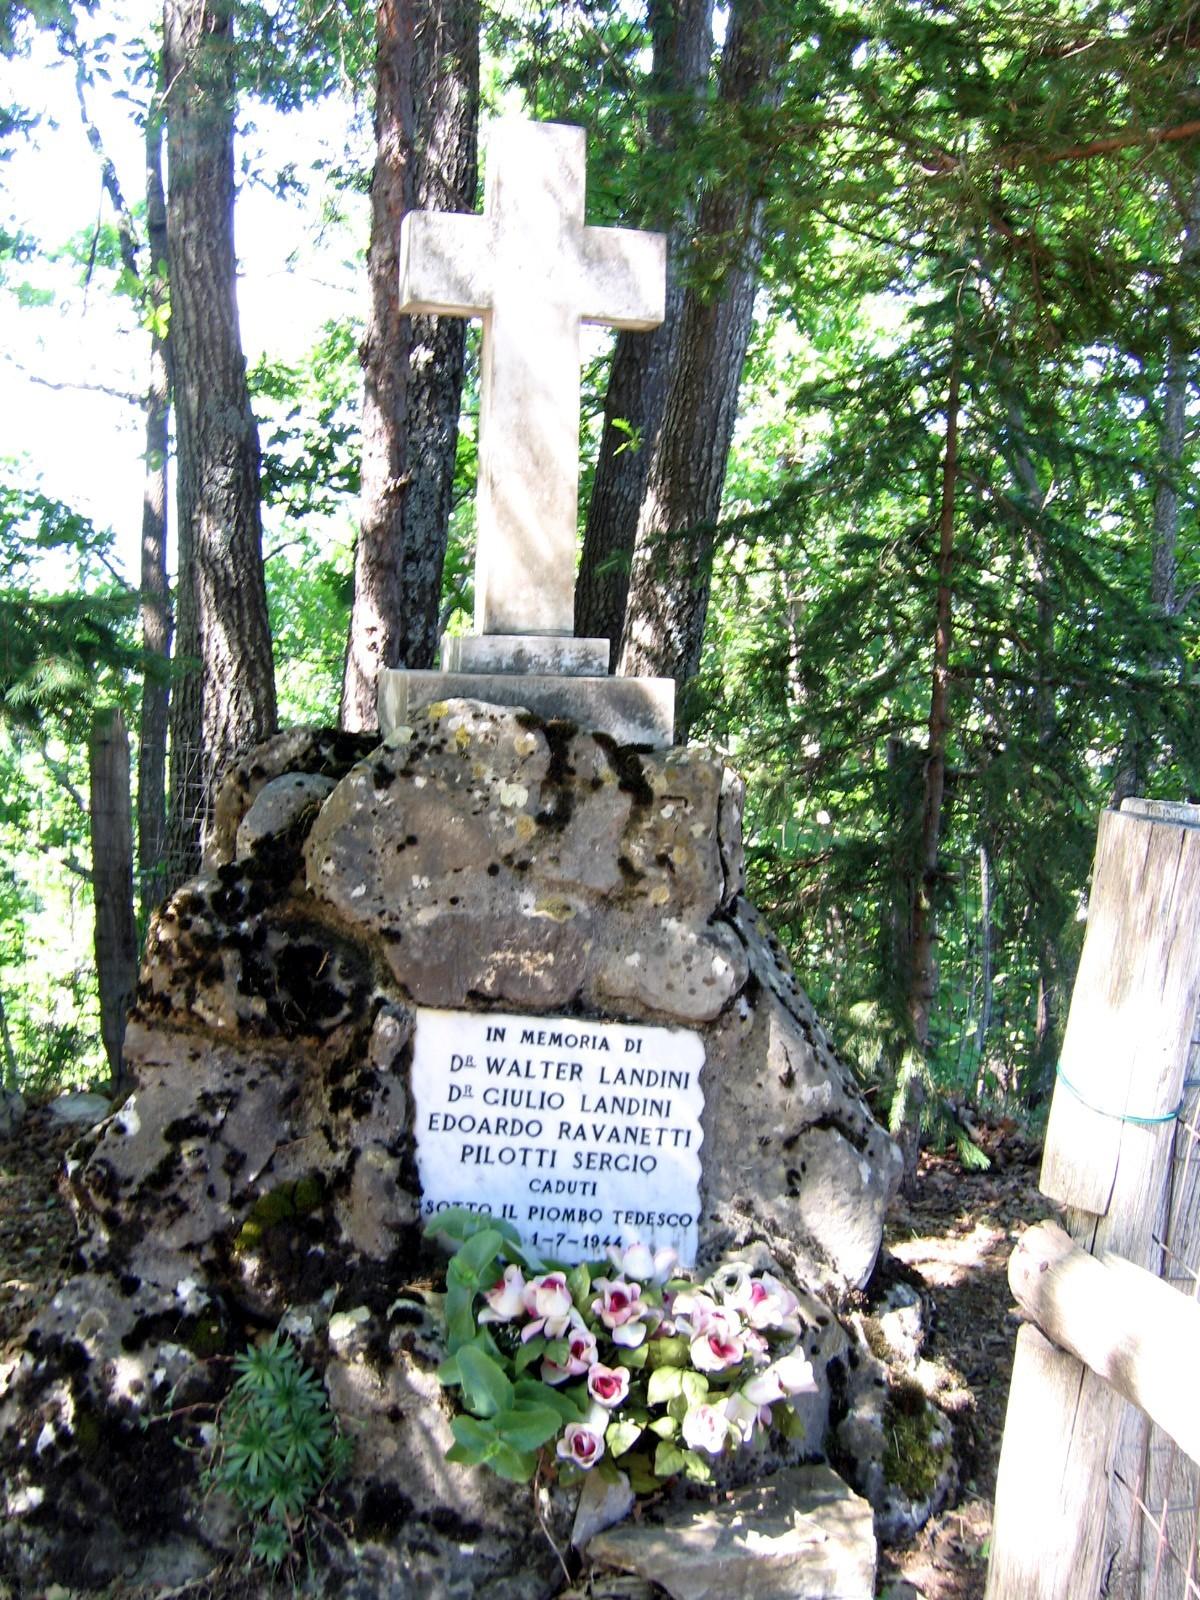 Cerimonia in onore dei Caduti di Piana Sorana  nella ricorrenza del 74° anniversario dell'eccidio